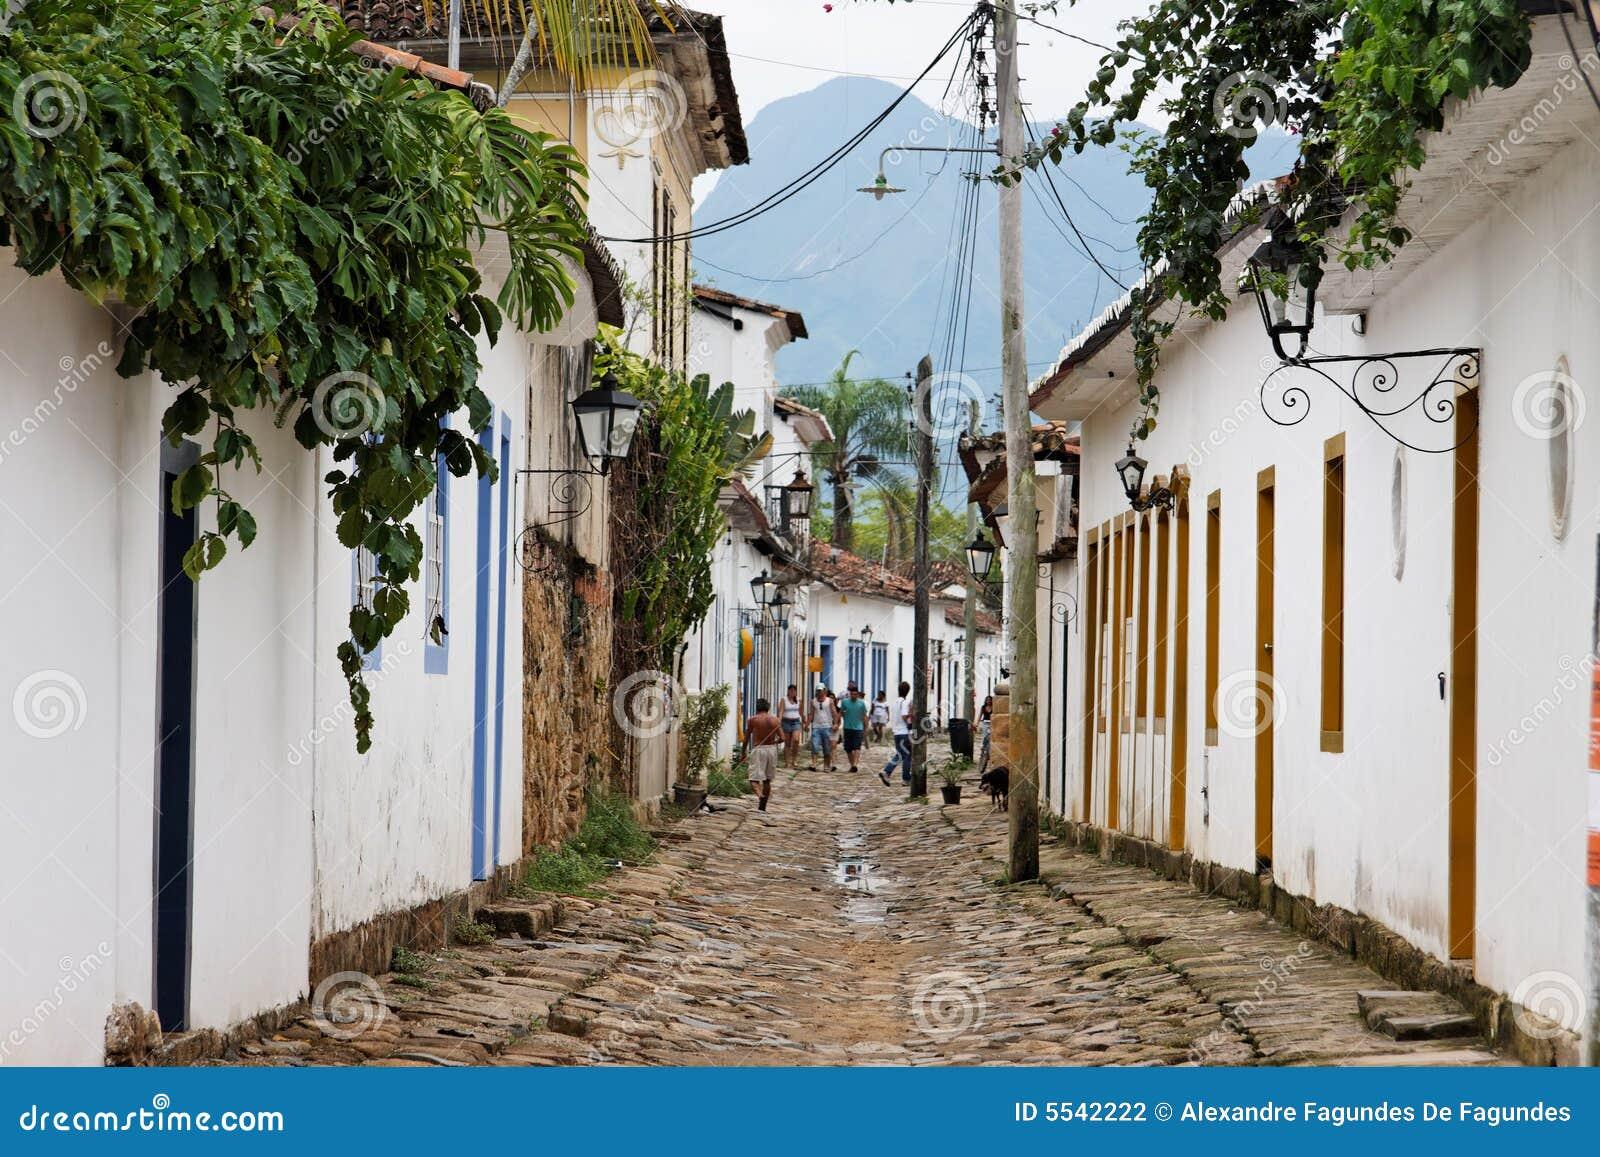 Paraty Historical Buildings Rio de Janeiro